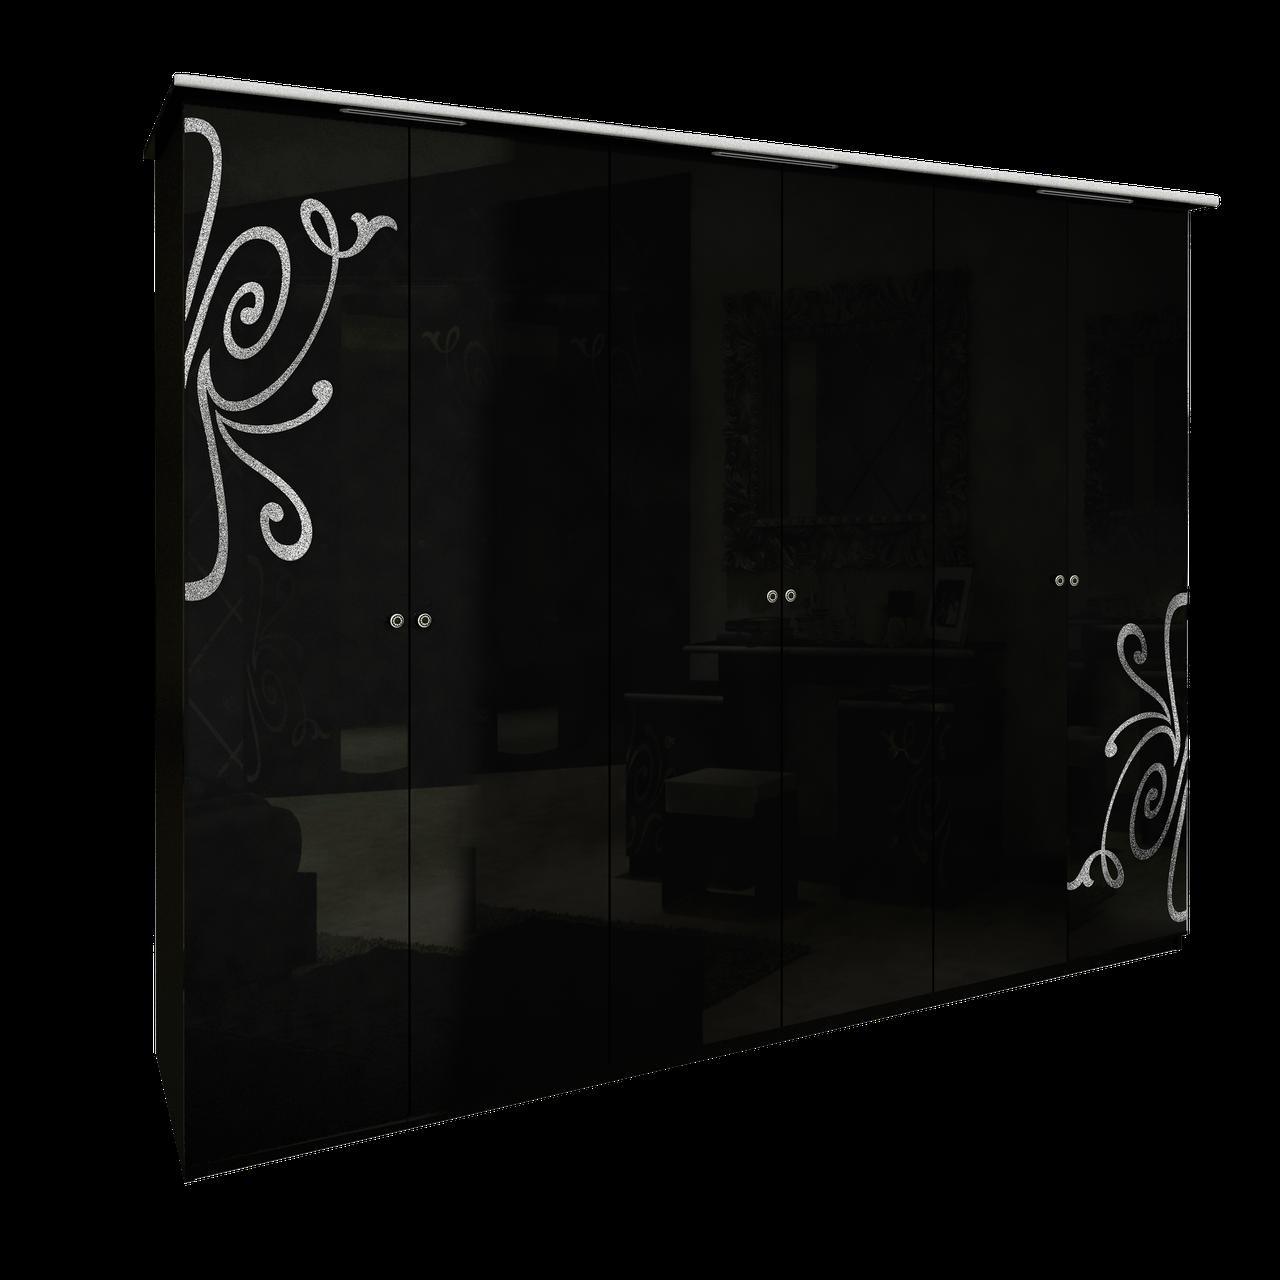 Шафа (шкаф) з ДСП/МДФ в спальню/вітальню/дитячу Богема 6Д без дзеркал чорний Миро-Марк